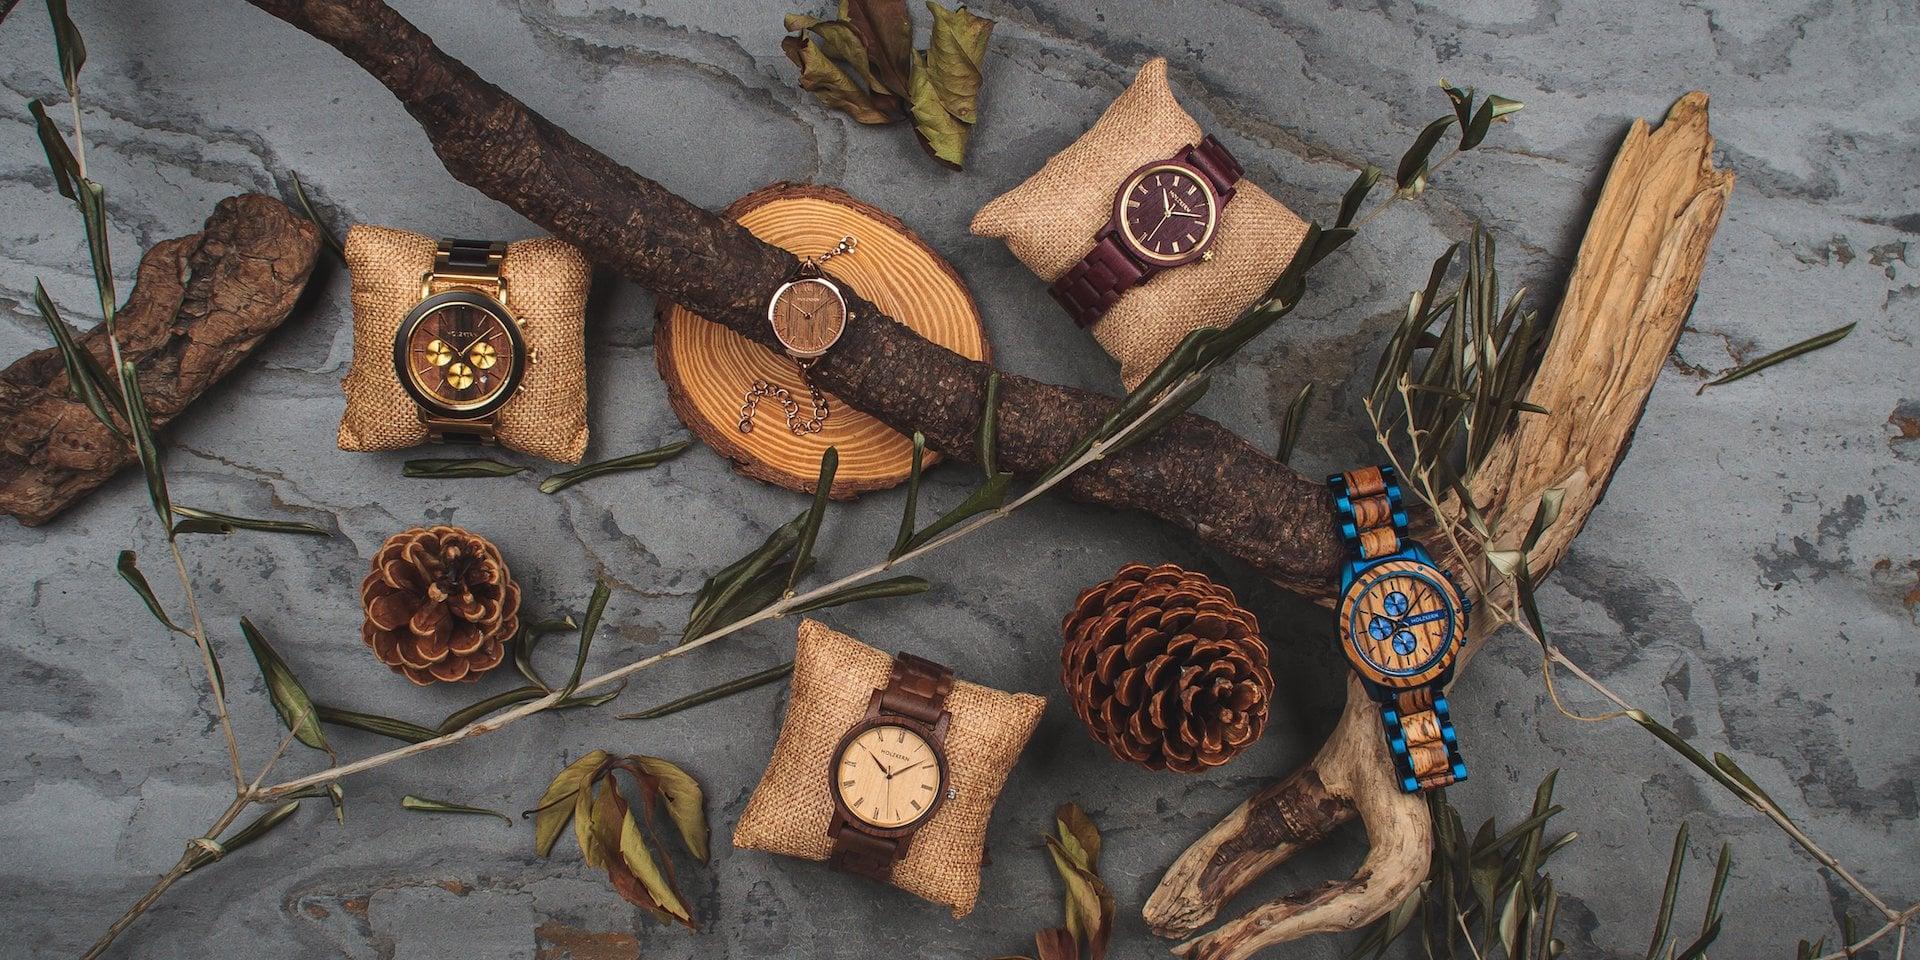 Natürliche Vielfalt bei Holzkern